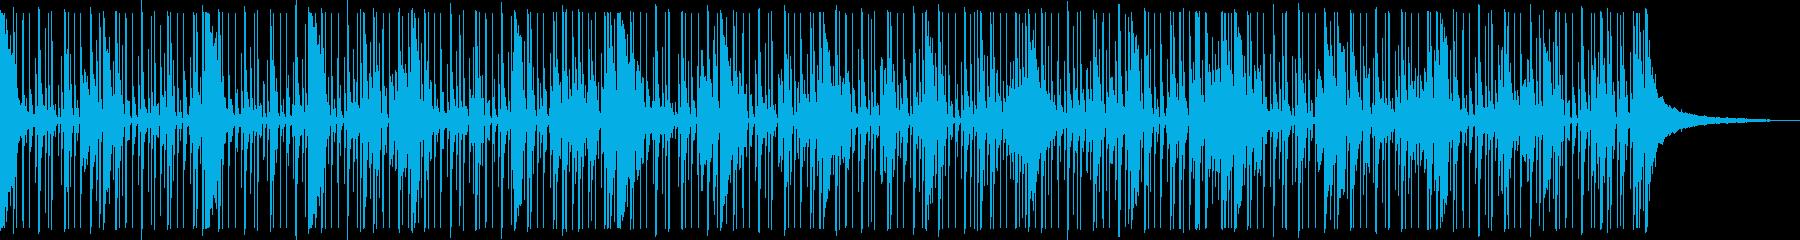 ドラムとベースのかっこいいファンクループの再生済みの波形